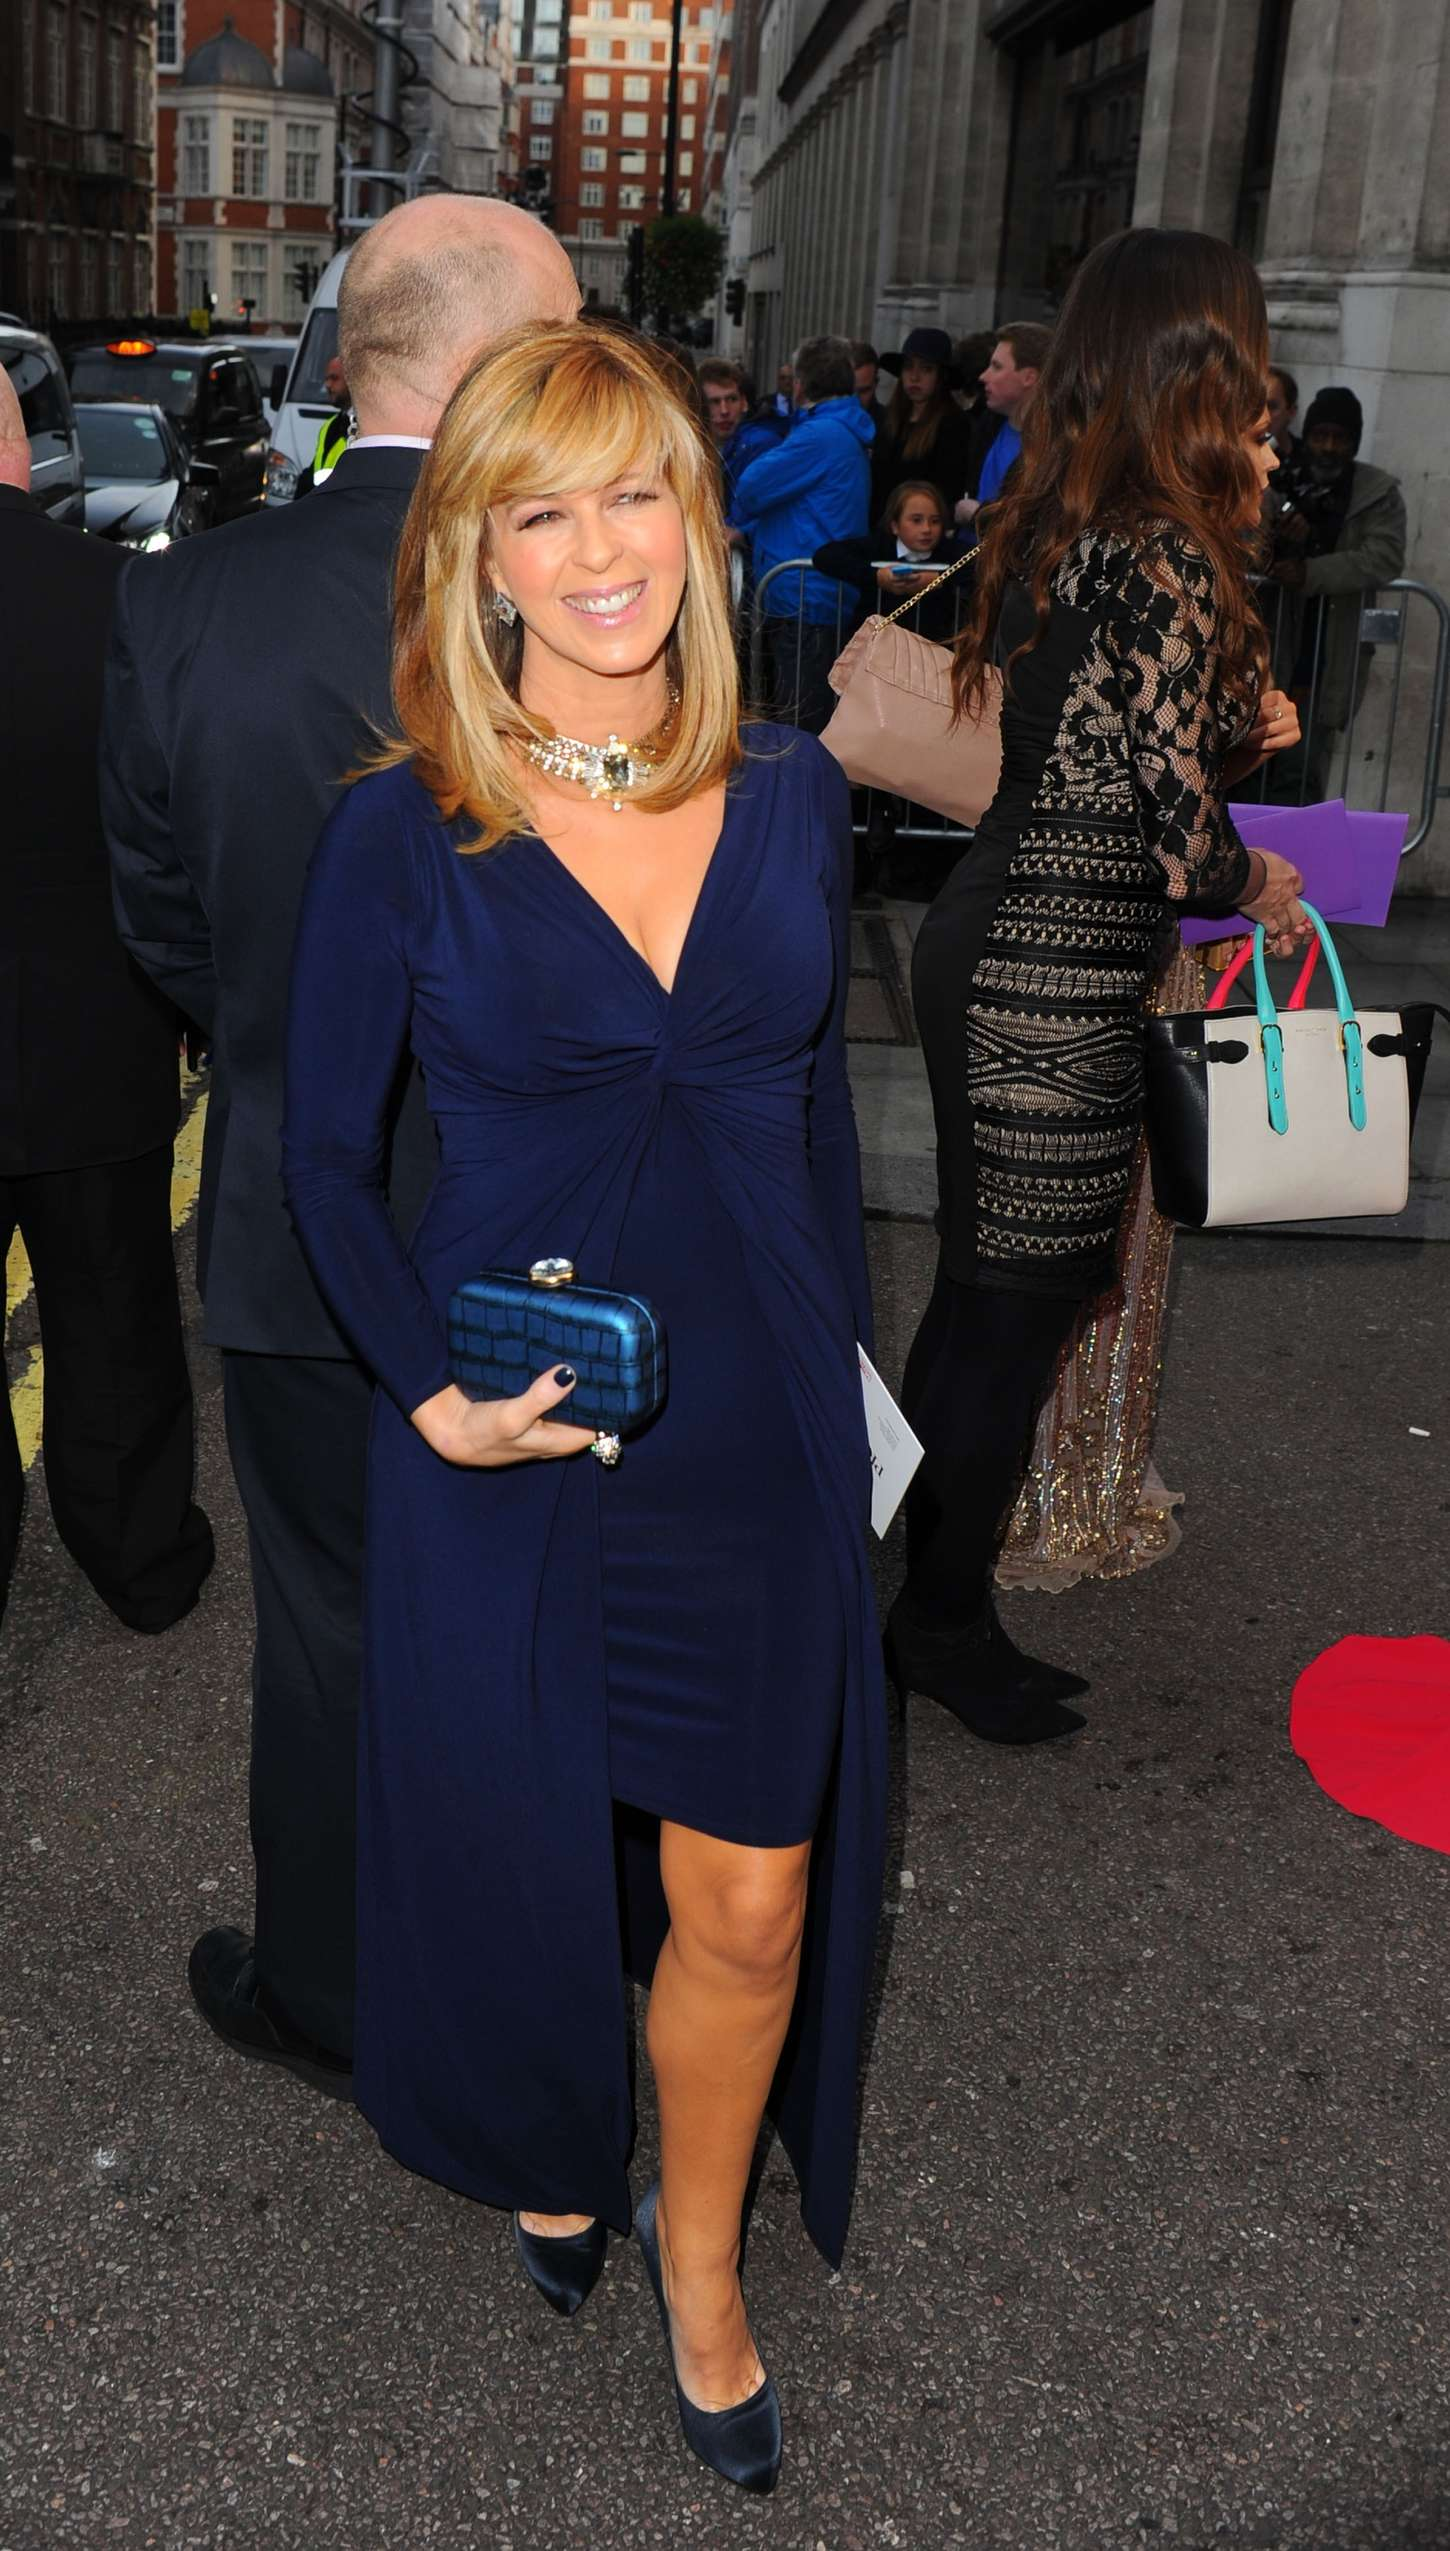 Kate Garraway Pride of Britain Awards in London